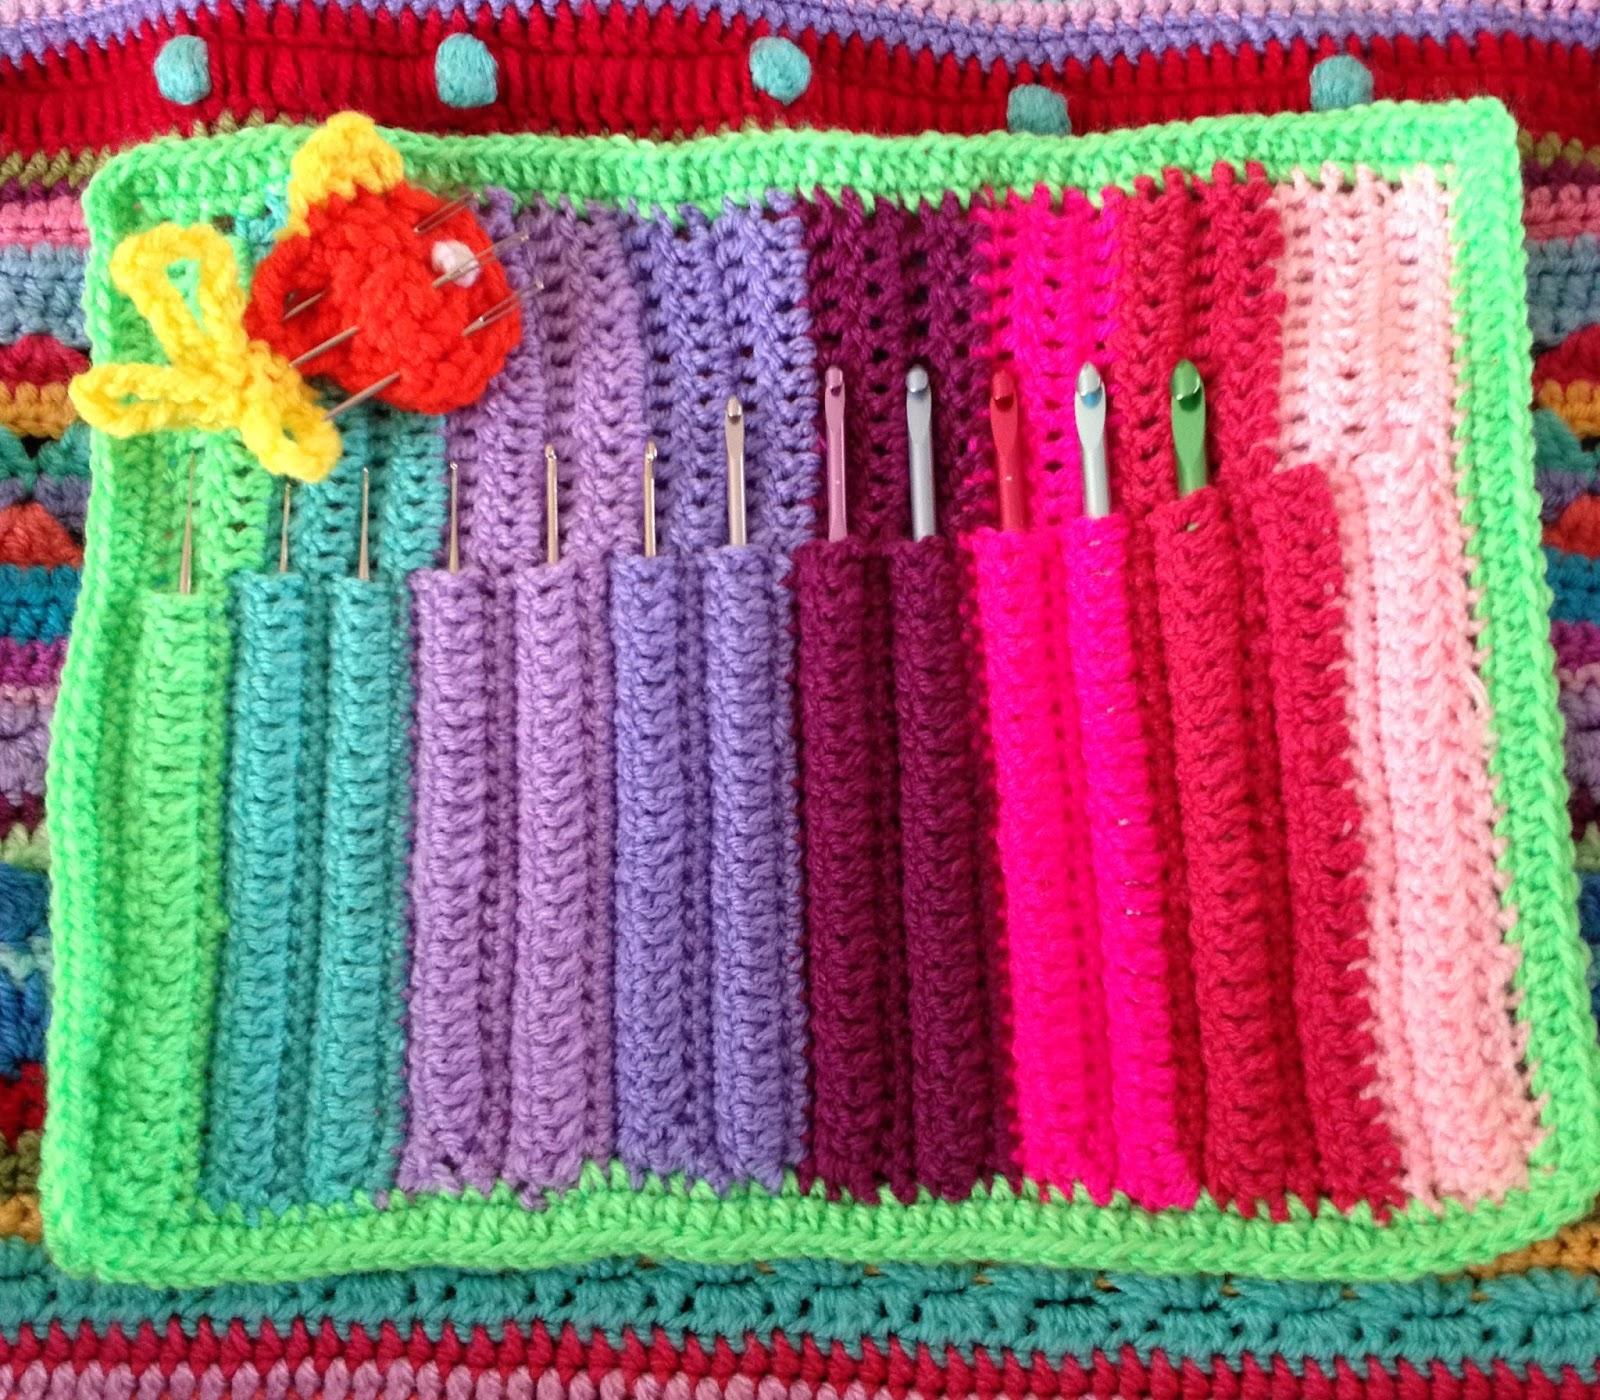 Another Vegetarian: Crochet Hook Case